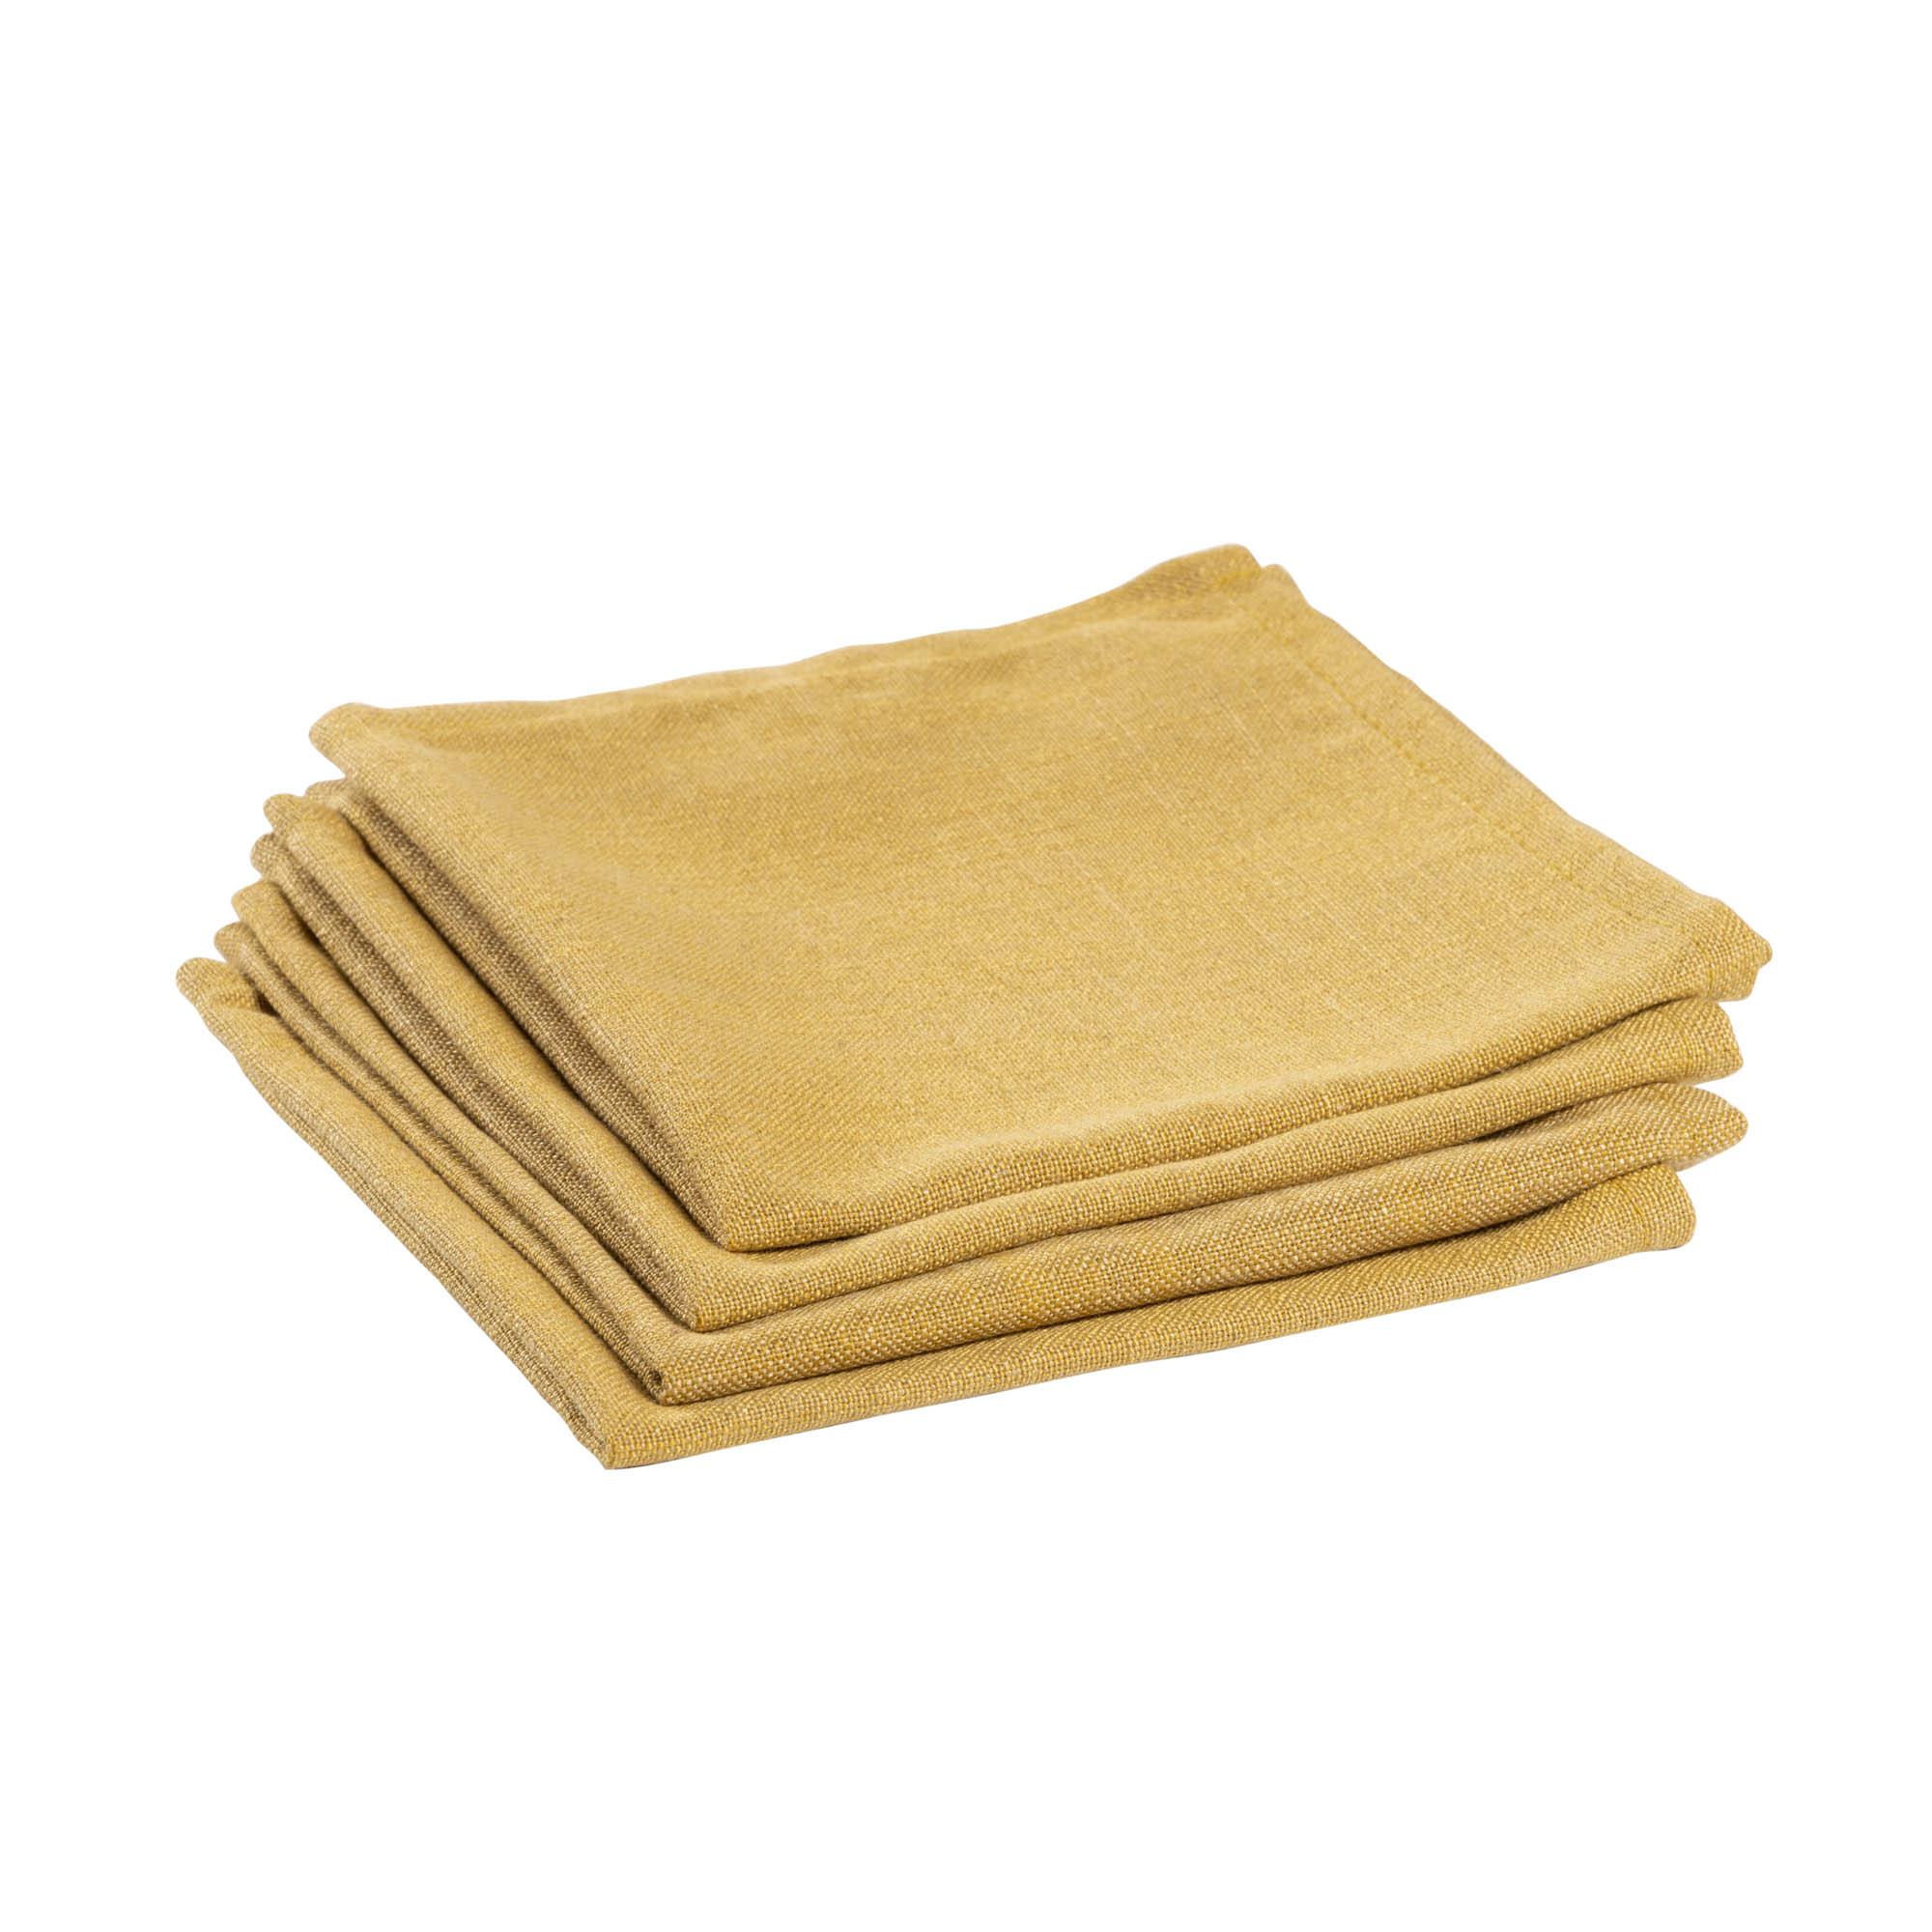 Kave home - lot de 4 serviettes de table samay...